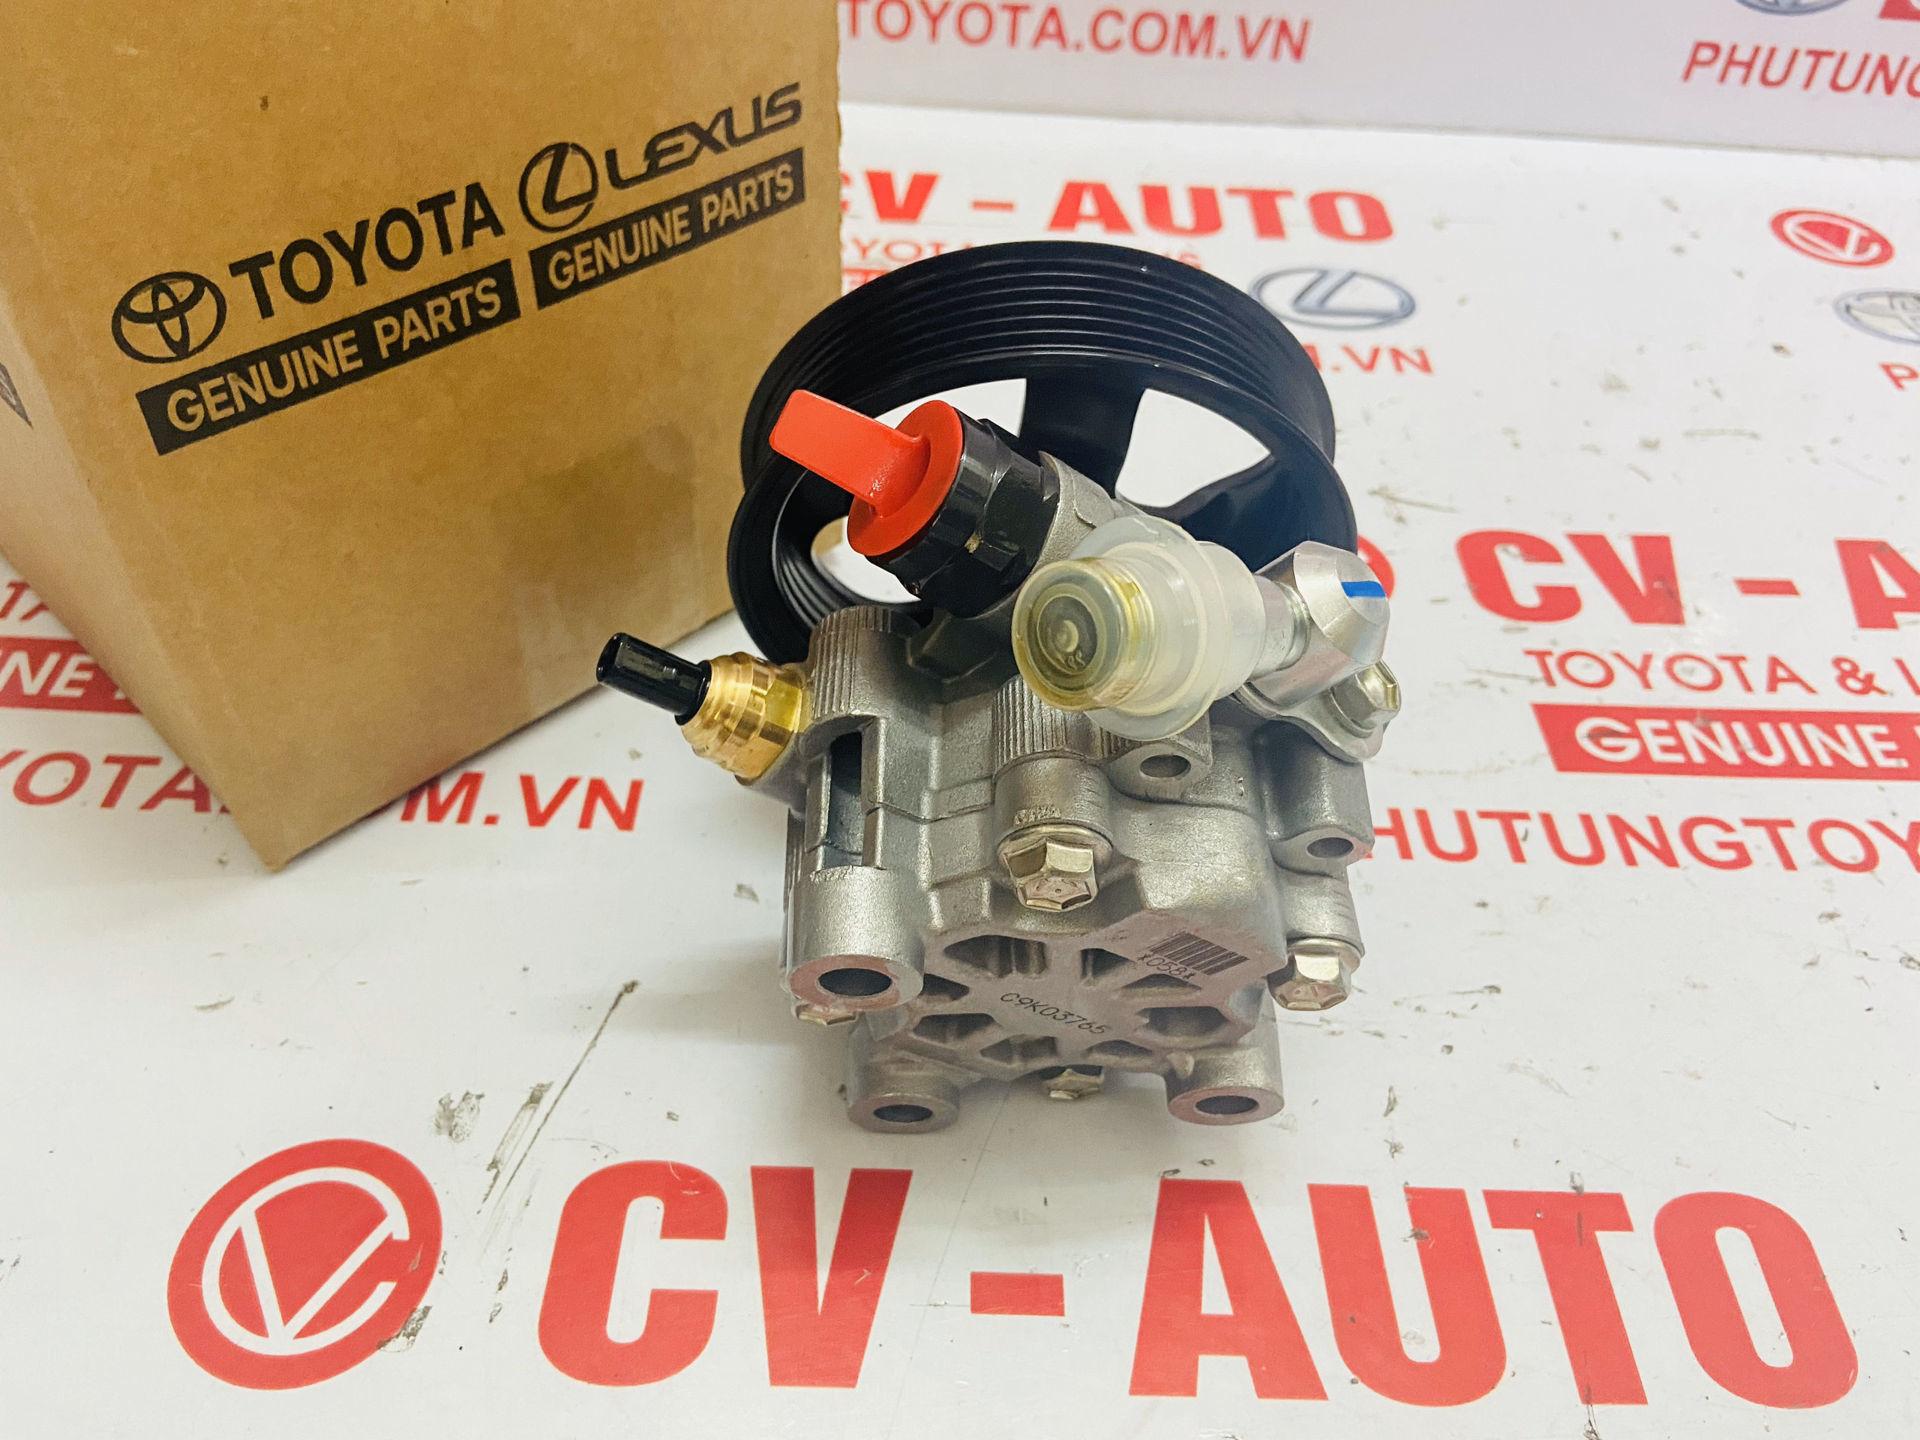 Picture of 44310-08020 Bơm trợ lực lái Toyota Sienna chính hãng